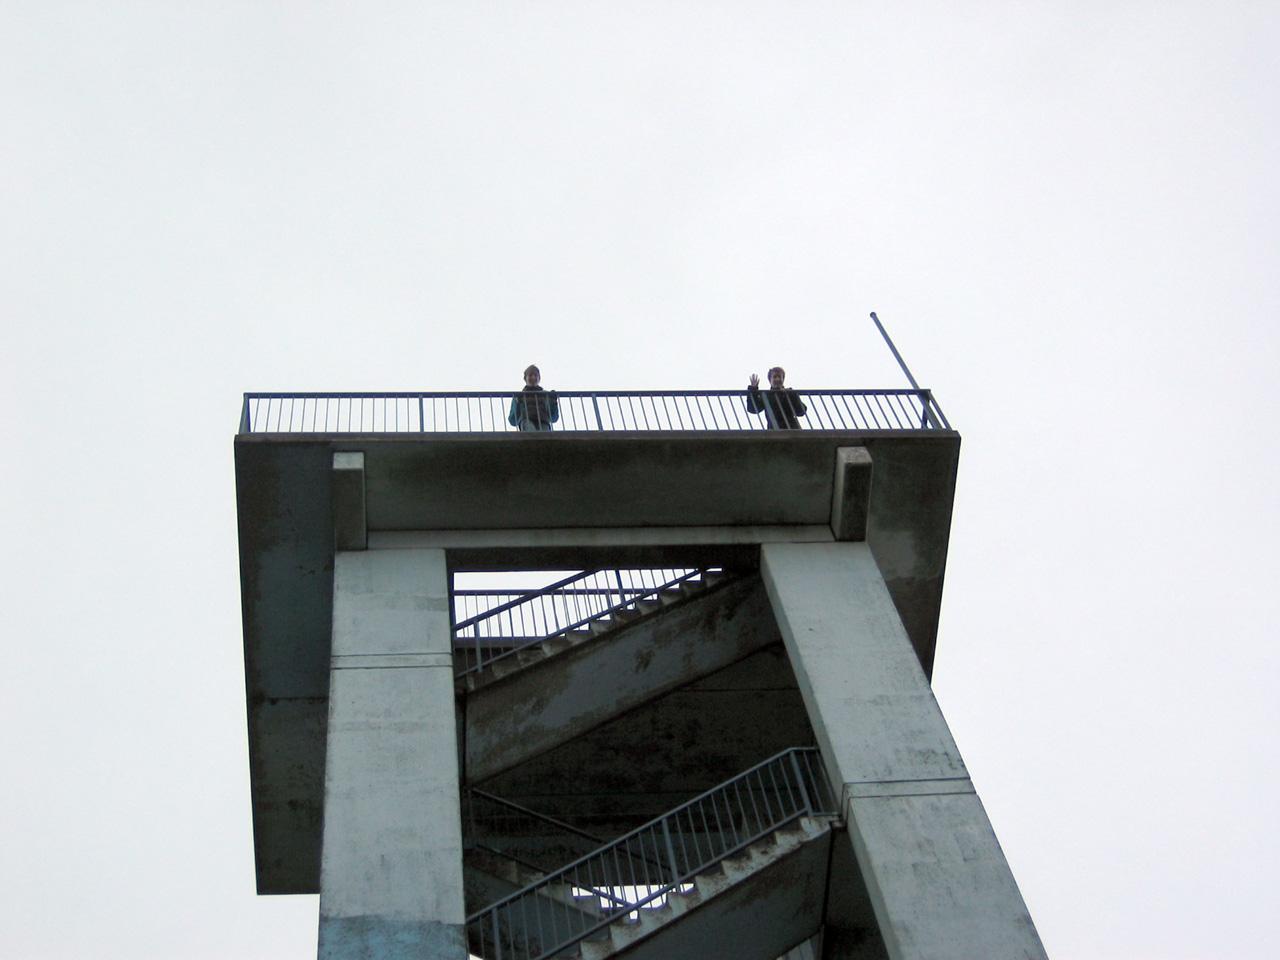 bij de Varusturm